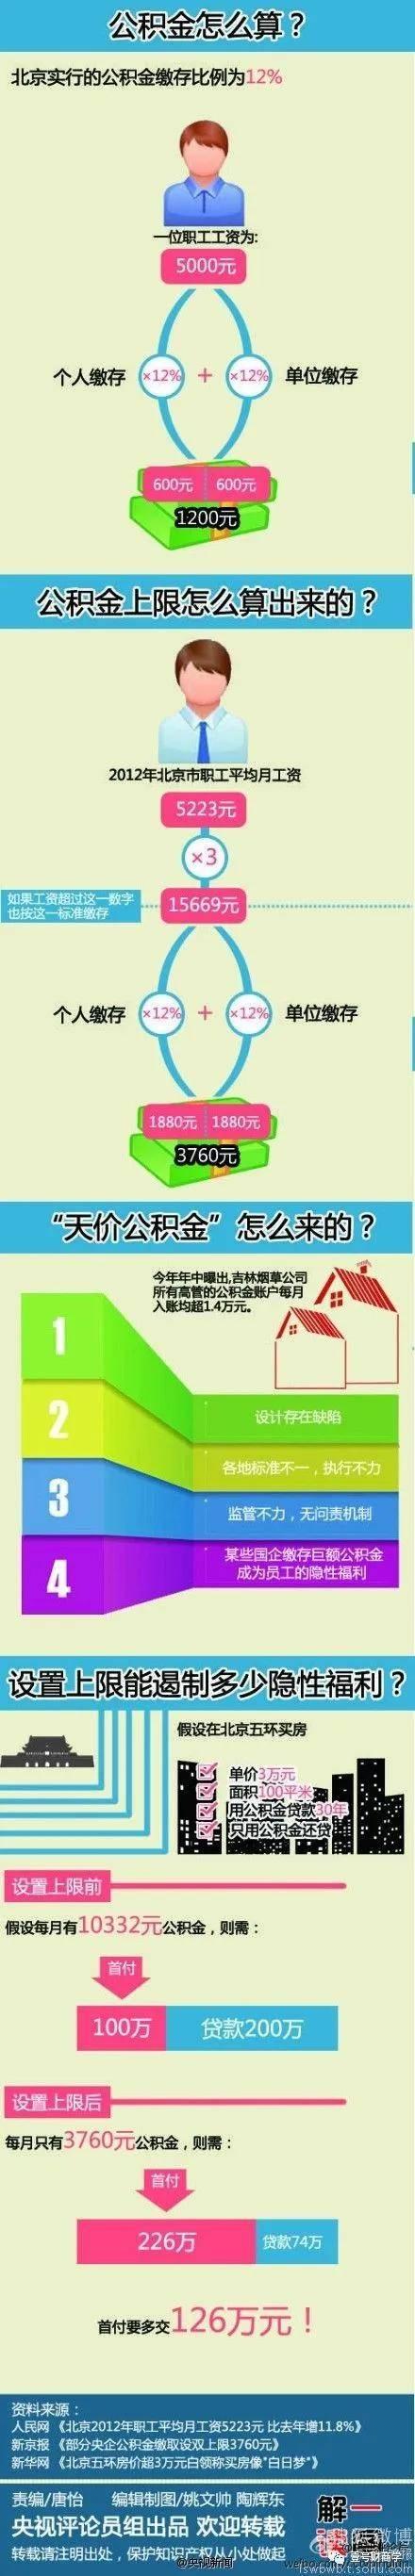 缺钱可以提取公积金吗(自己怎么提取公积金)插图(2)